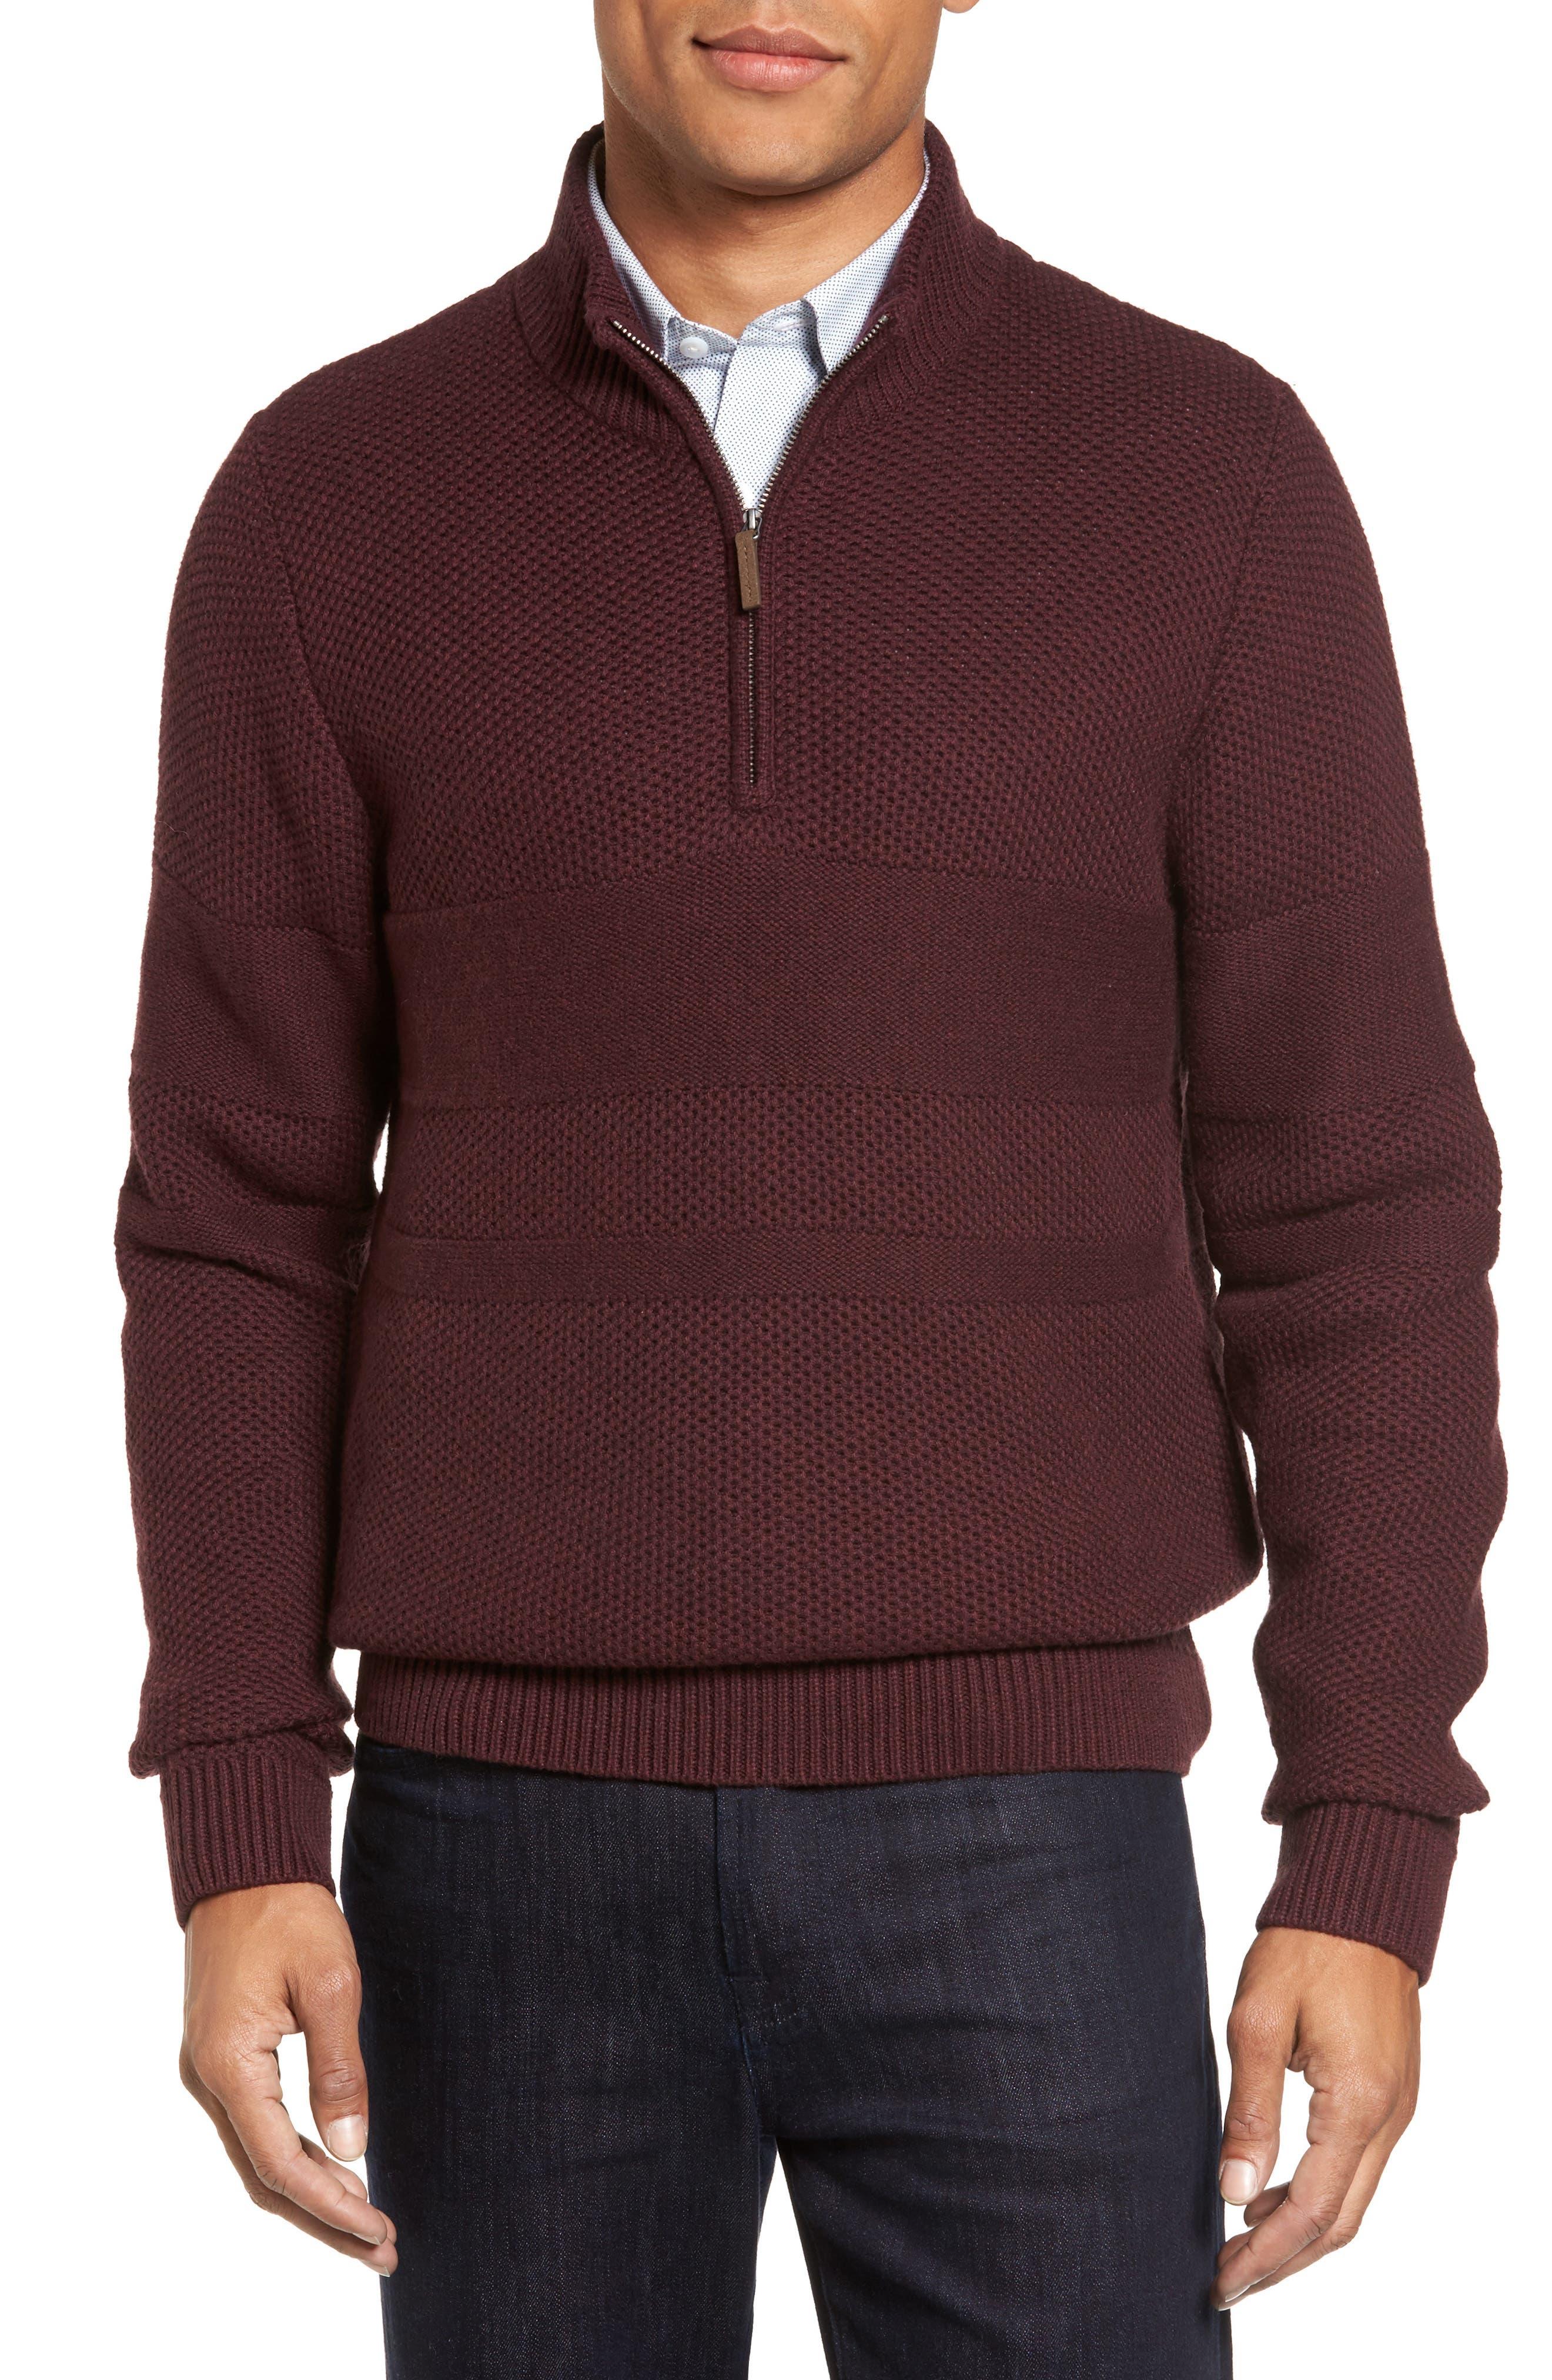 Texture Cotton & Cashmere Quarter Zip Sweater,                         Main,                         color, Burgundy Fudge Heather